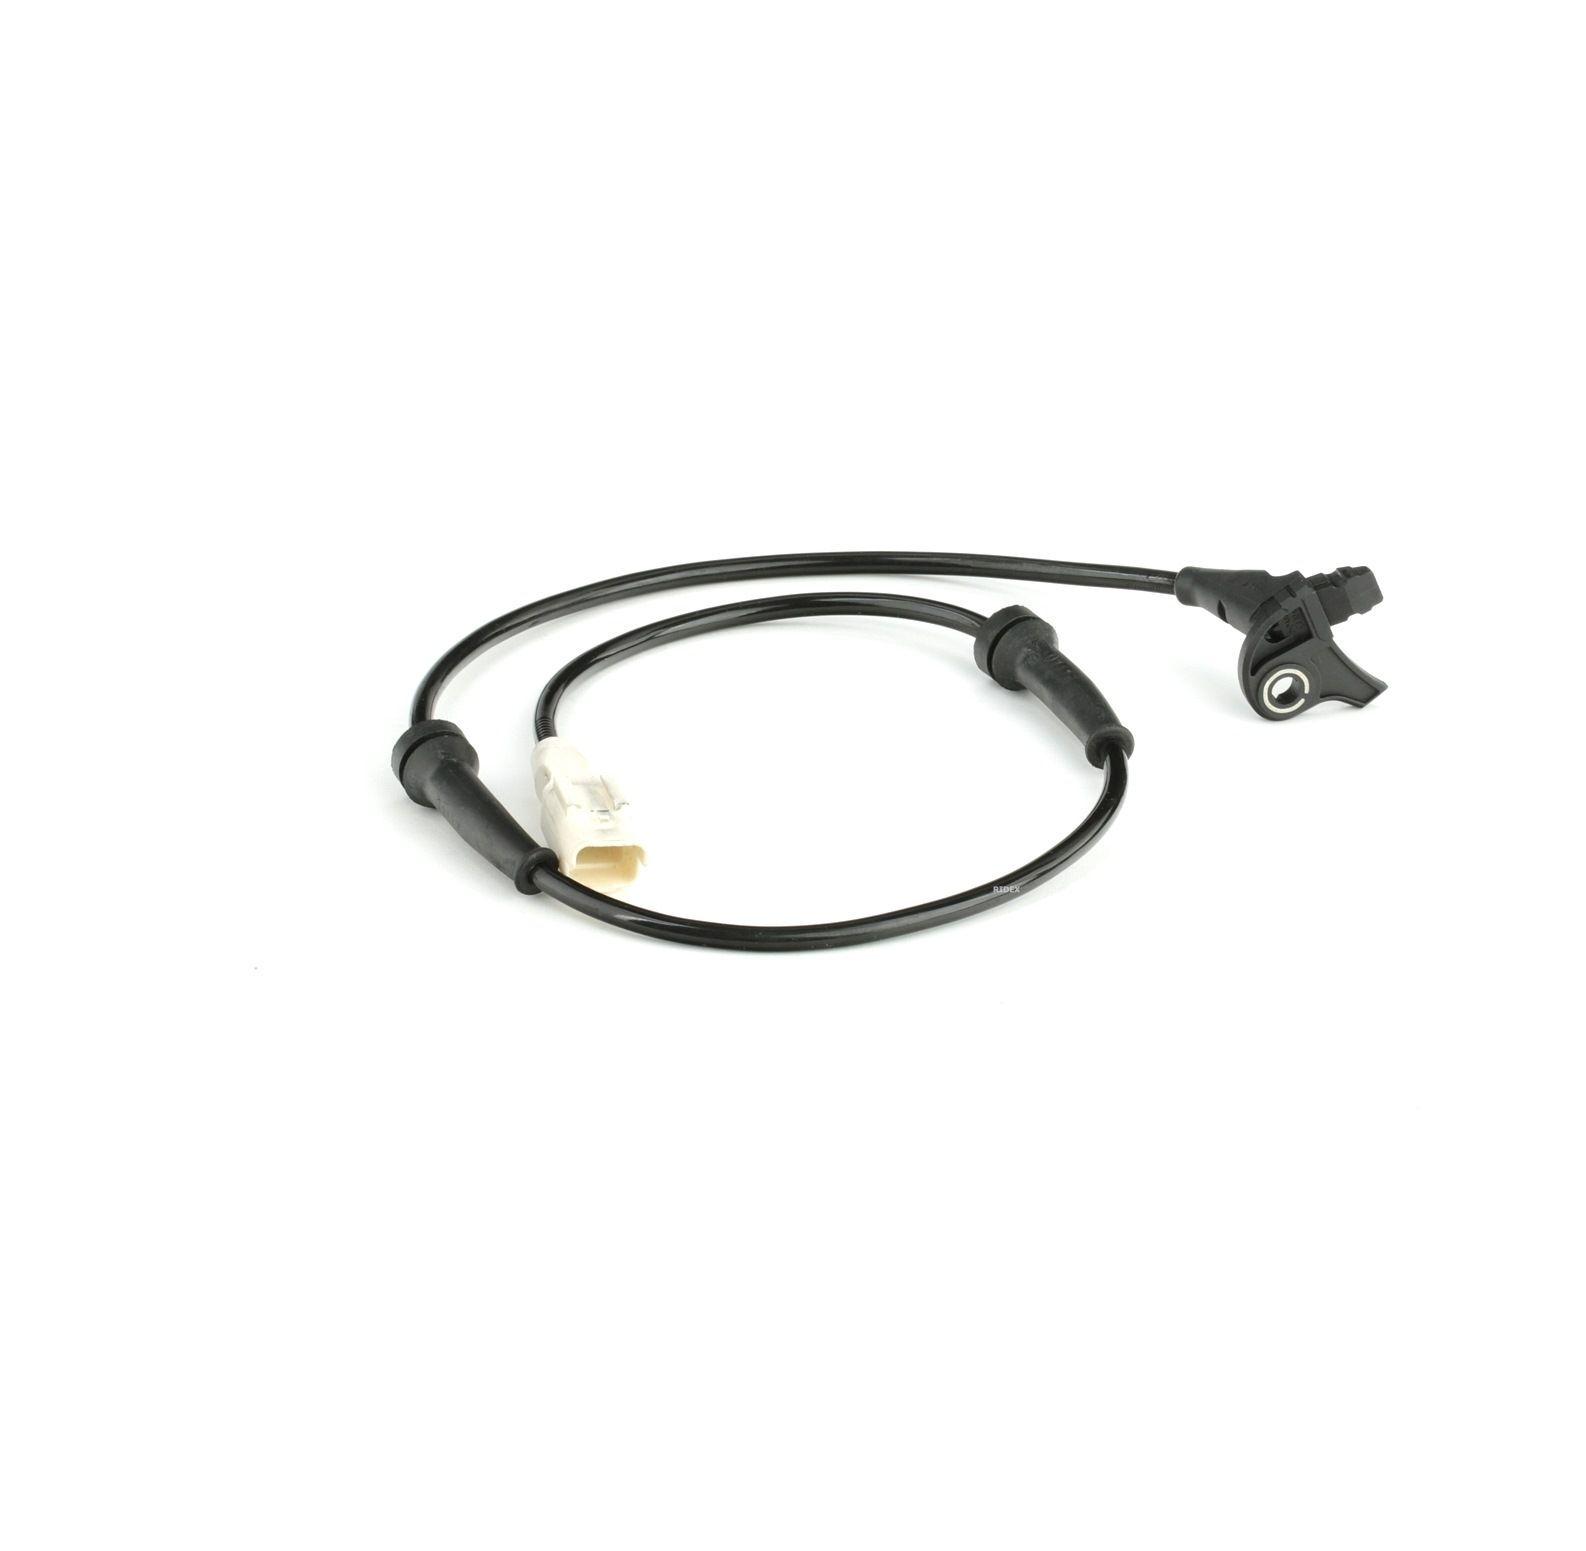 RIDEX Capteur ABS 412W0054 Controle Capteur ABS,Capteur De Roue ABS PEUGEOT,CITROËN,DS,307 3A/C,308 4A_, 4C_,3008,307 SW 3H,5008,307 CC 3B,308 SW